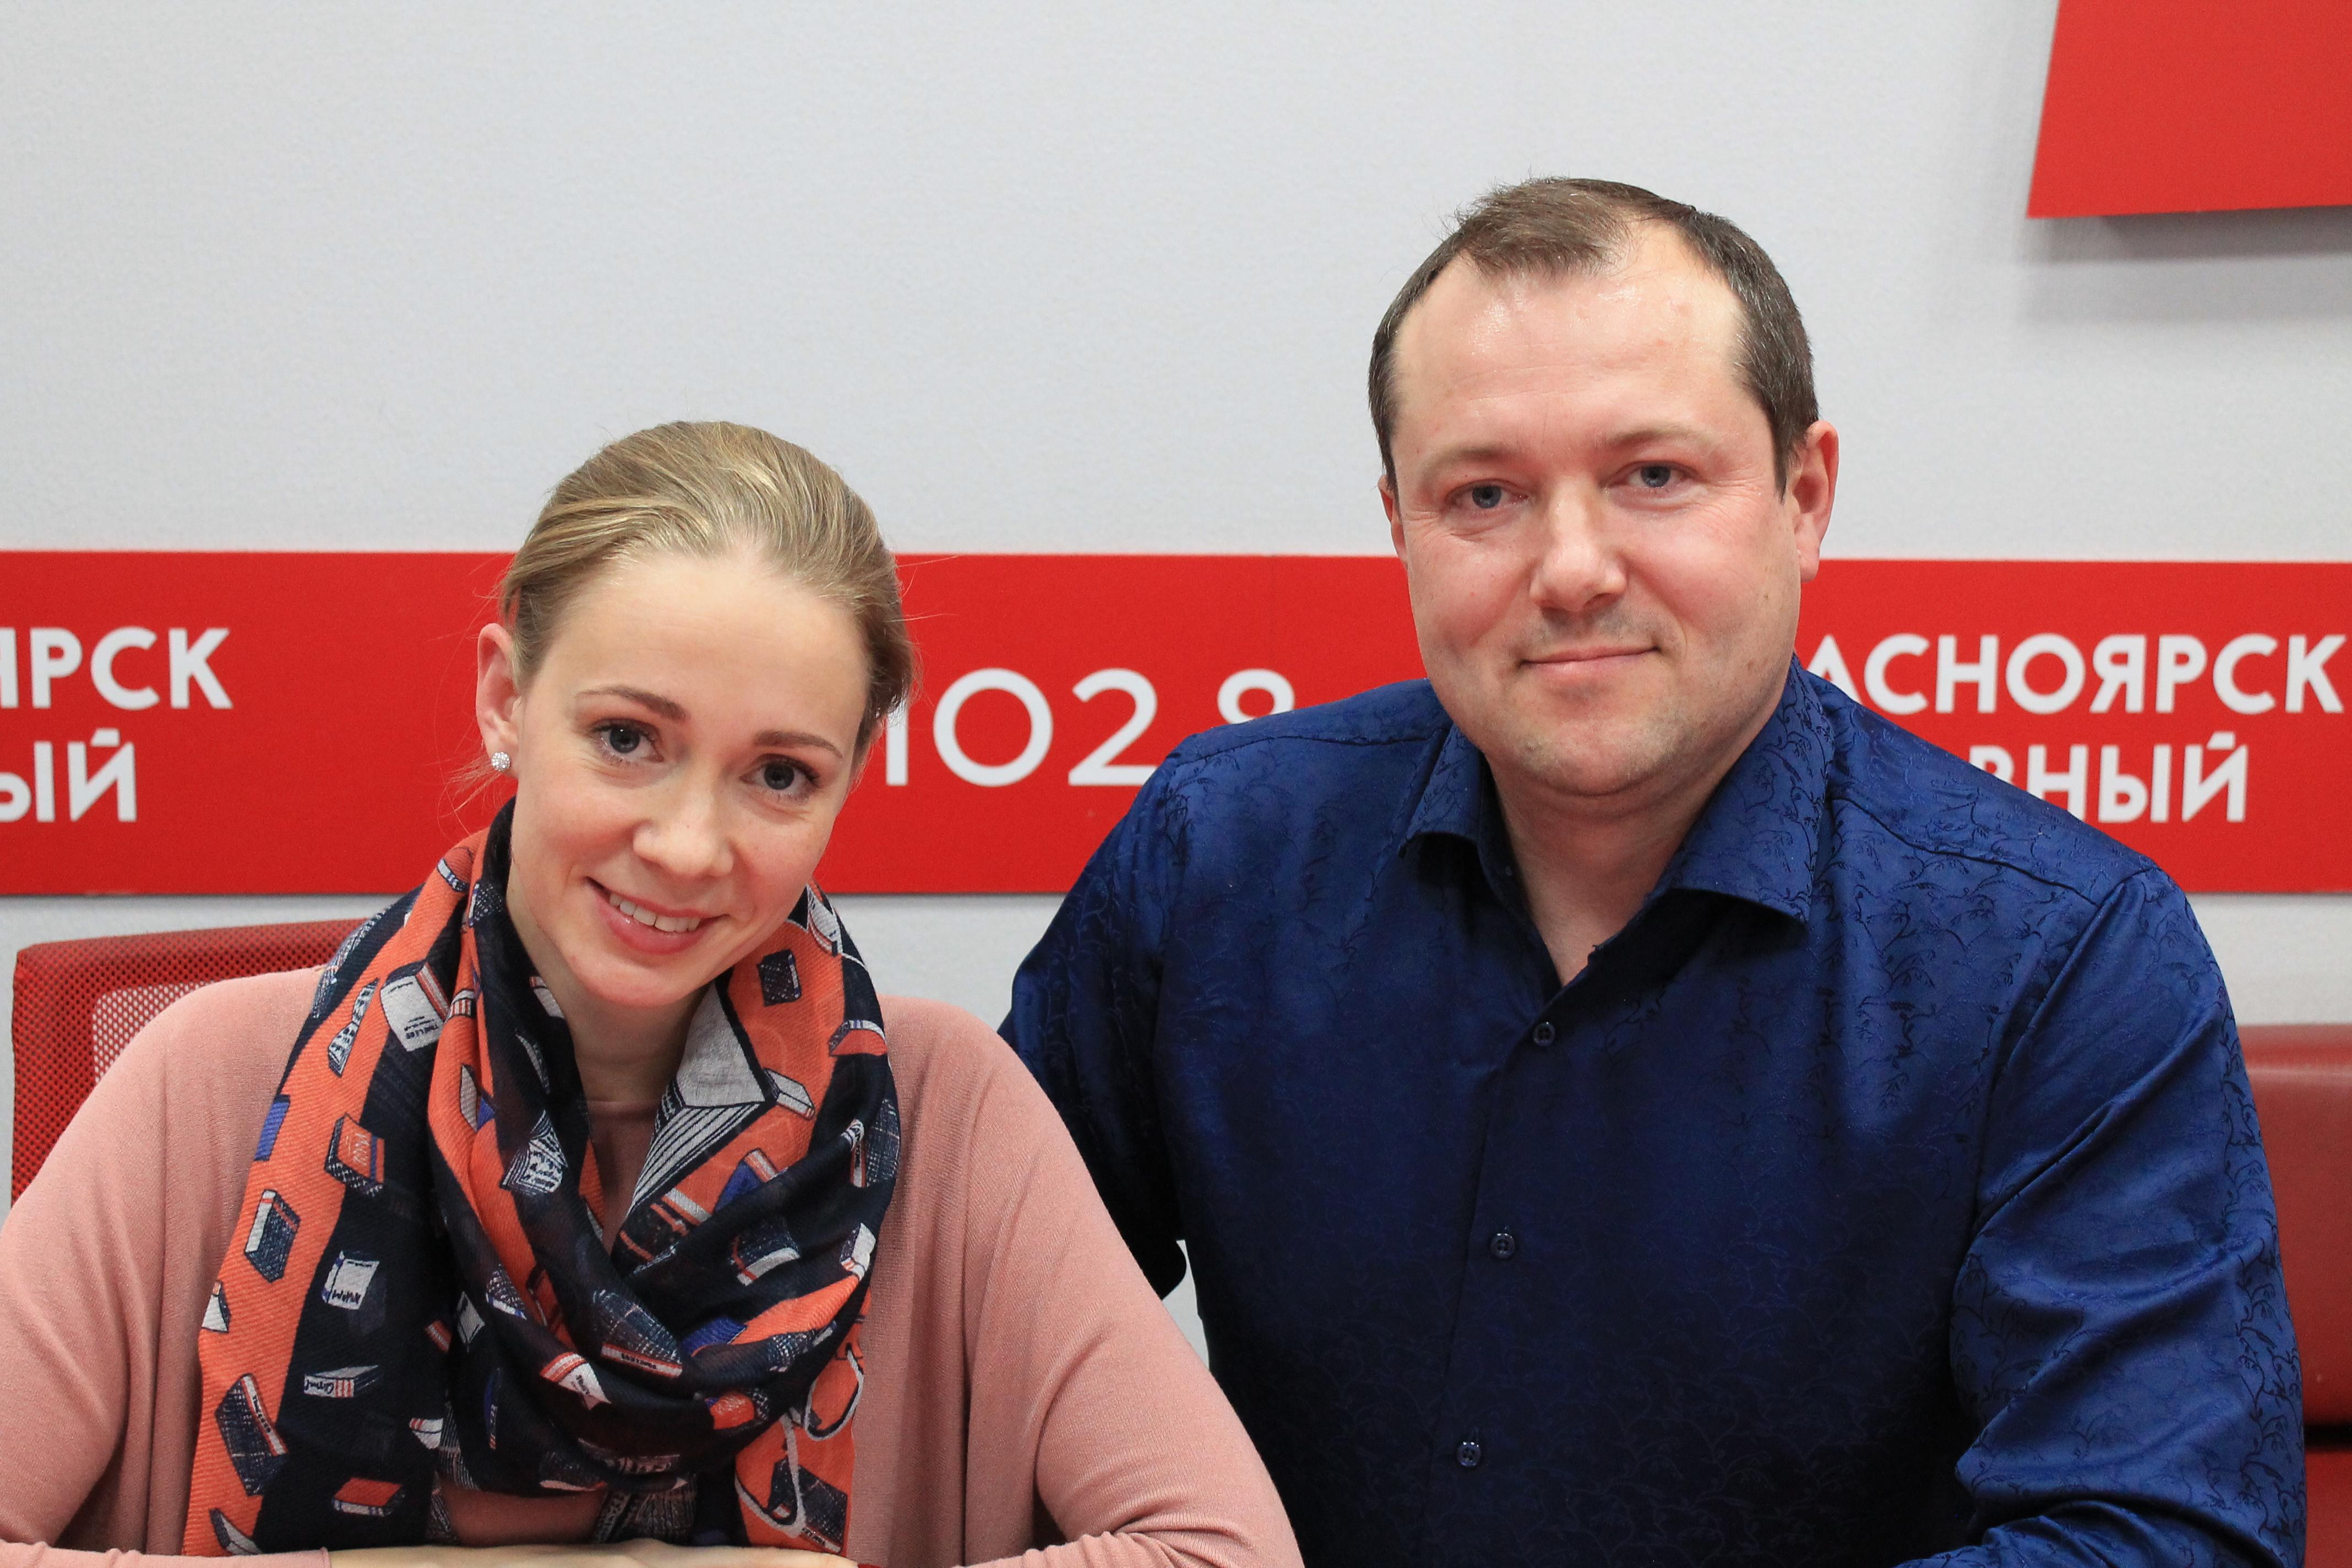 Екатерина Кузьминых, Дмитрий Полушин